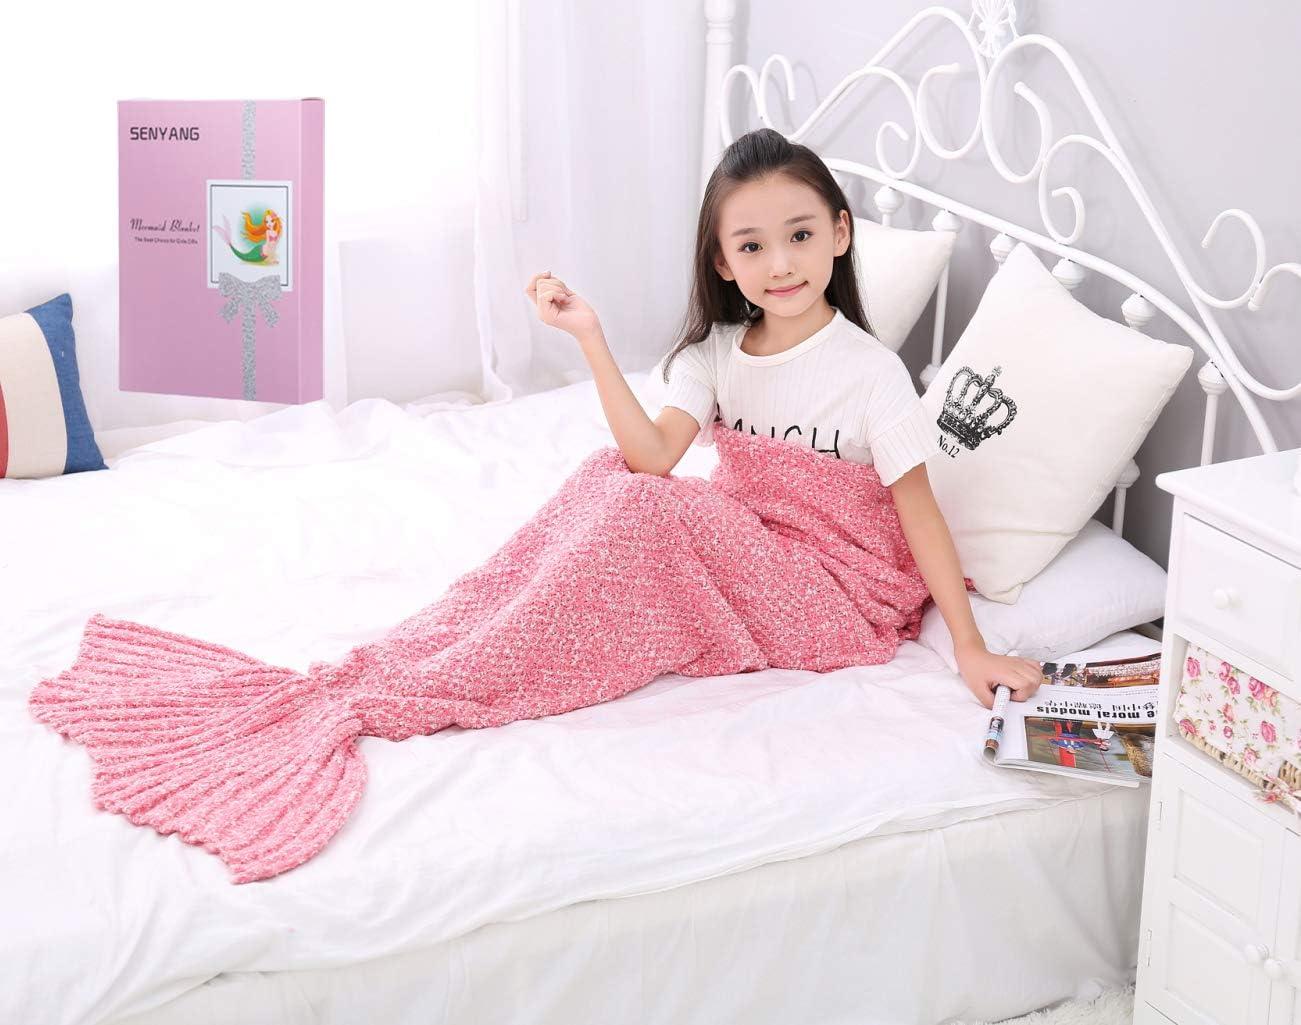 SENYANG Cola De Sirena Manta - Regalos para niñas, Manta De Sirena para Niñas, Bolsas De Dormir para Niños,La Mejor opción para Regalos de niñas, Regalos de cumpleaños(Thick Pink)